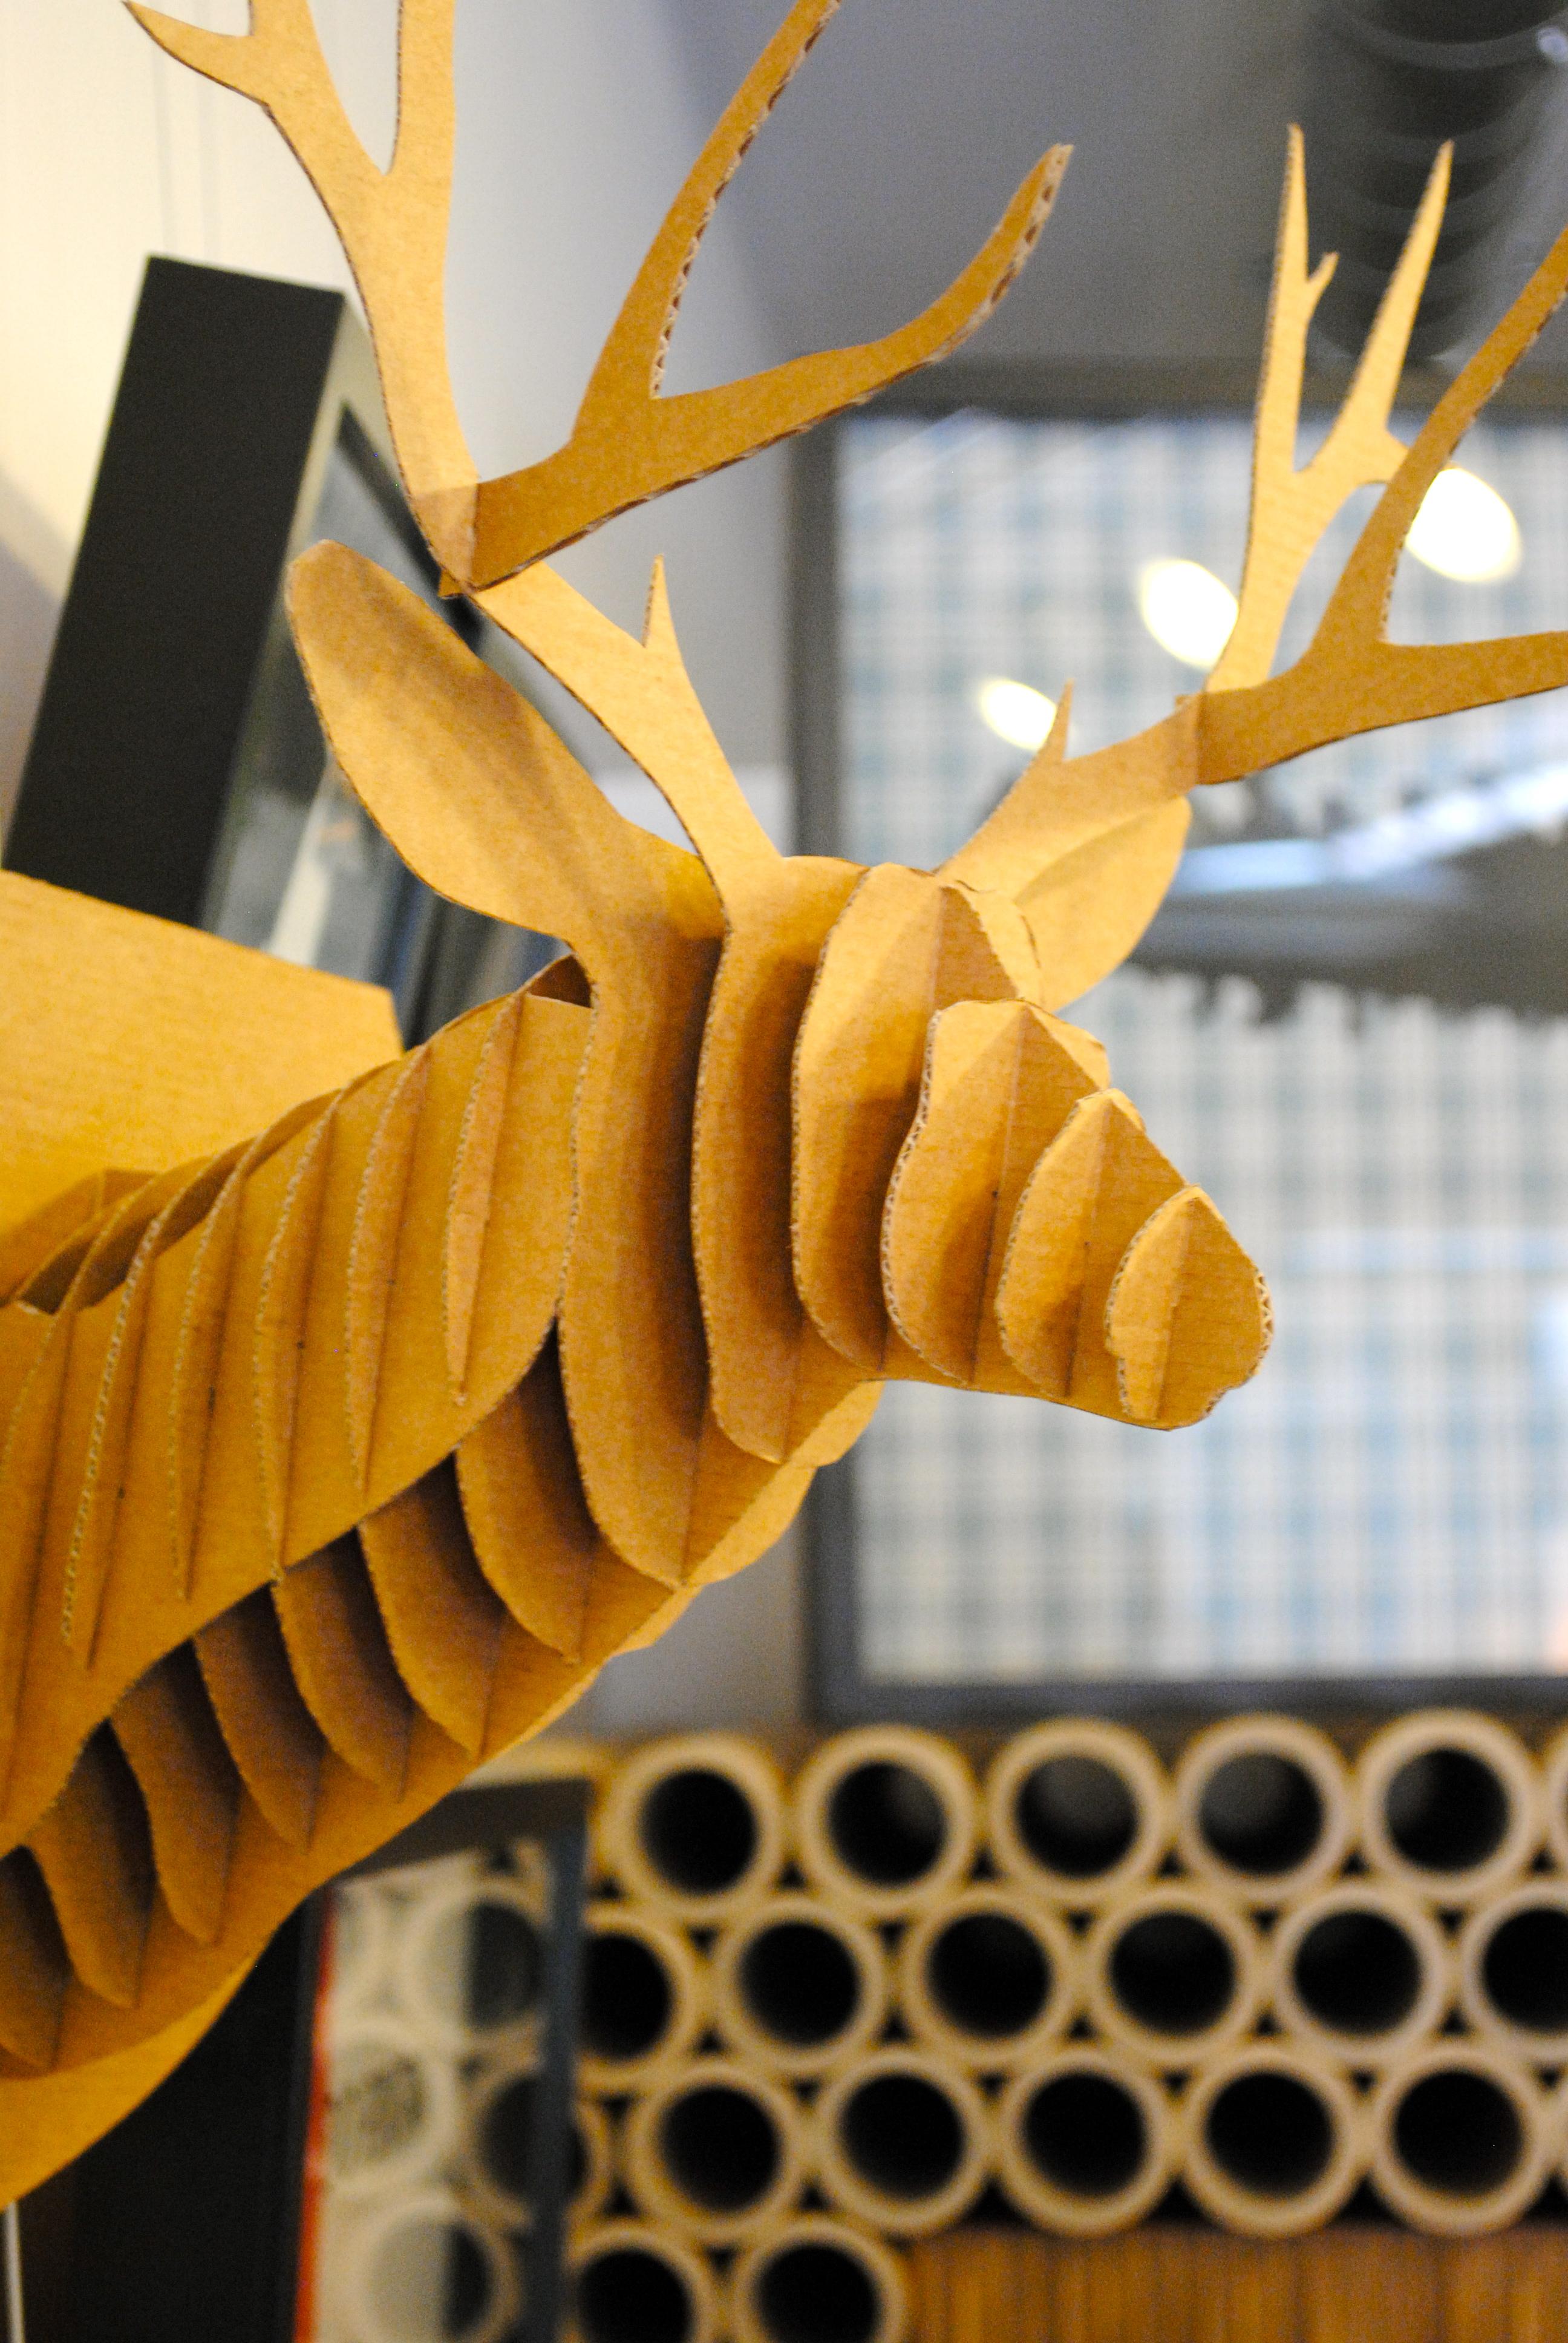 Cabeza de ciervo en cart n ii la cartoneria for Cabeza de ciervo